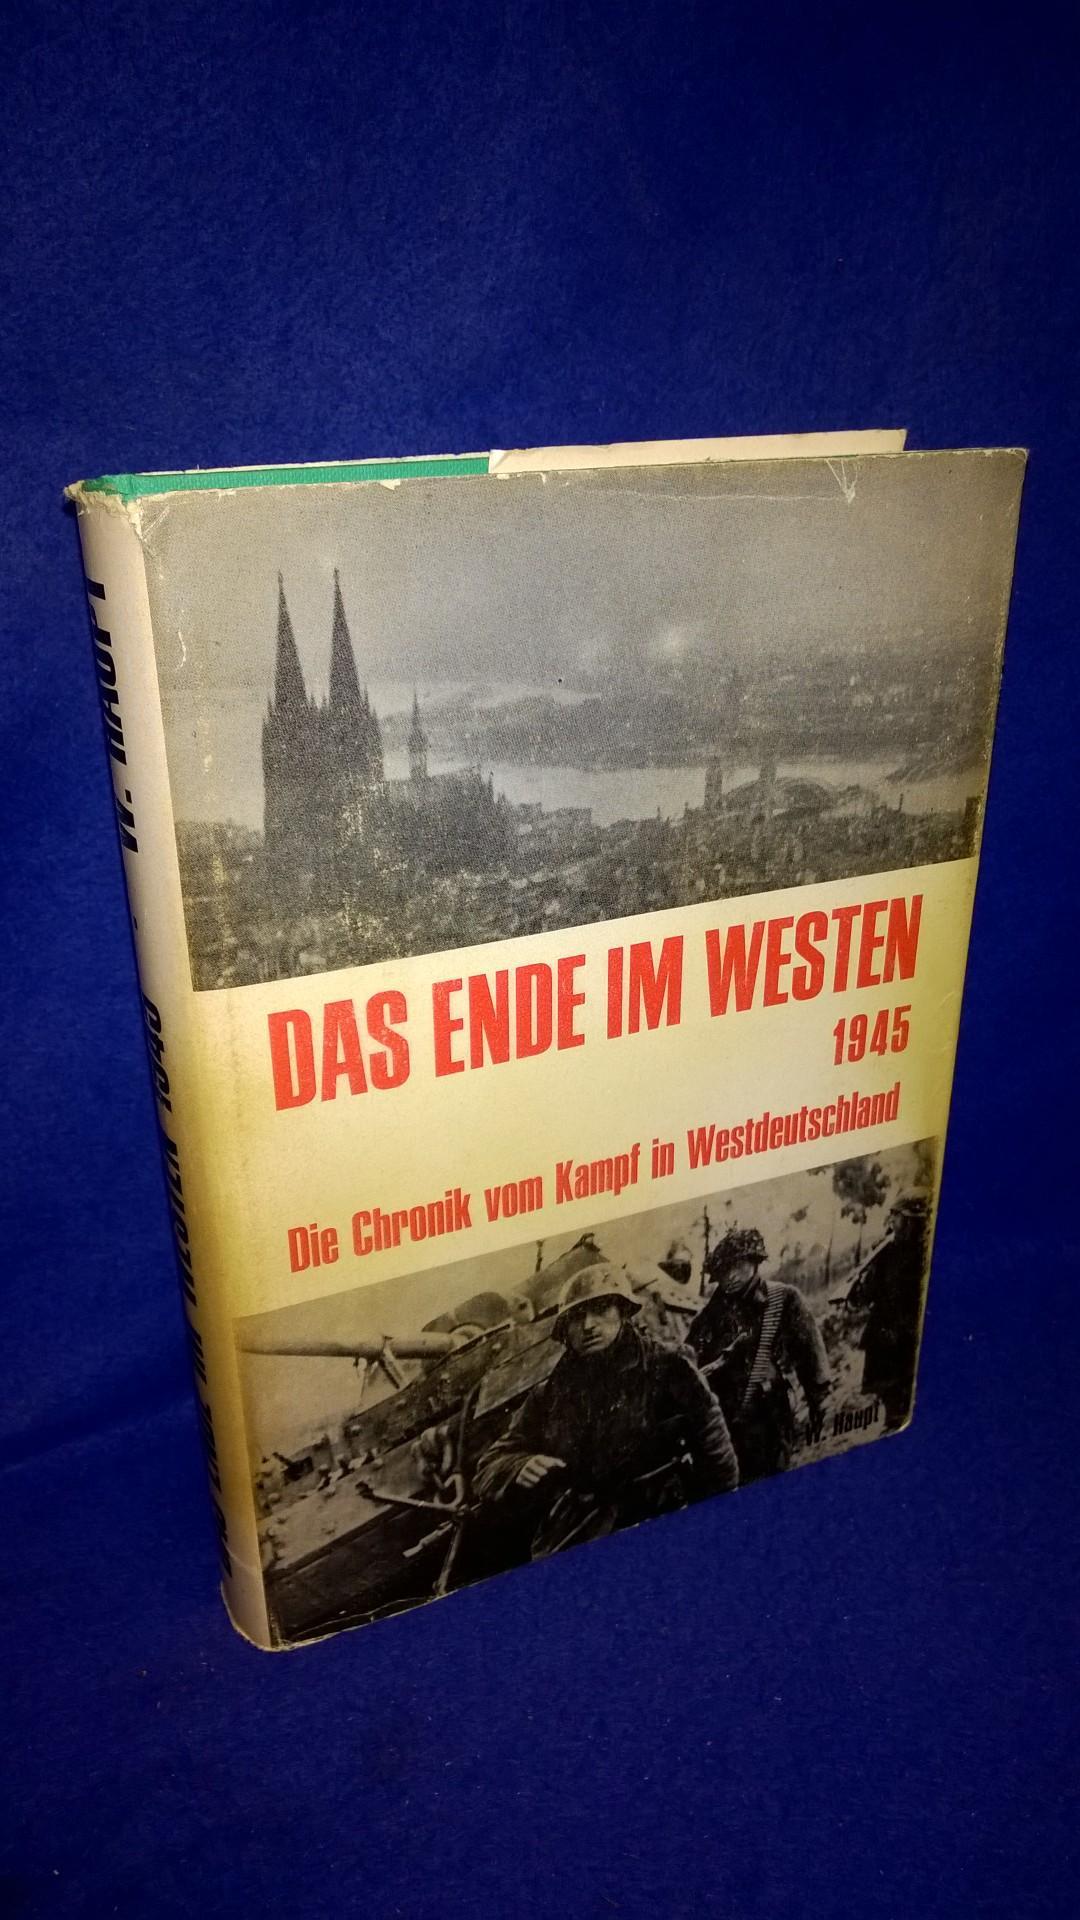 Das Ende im Westen 1945. Bildchronik vom Kampf in Westdeutschland.